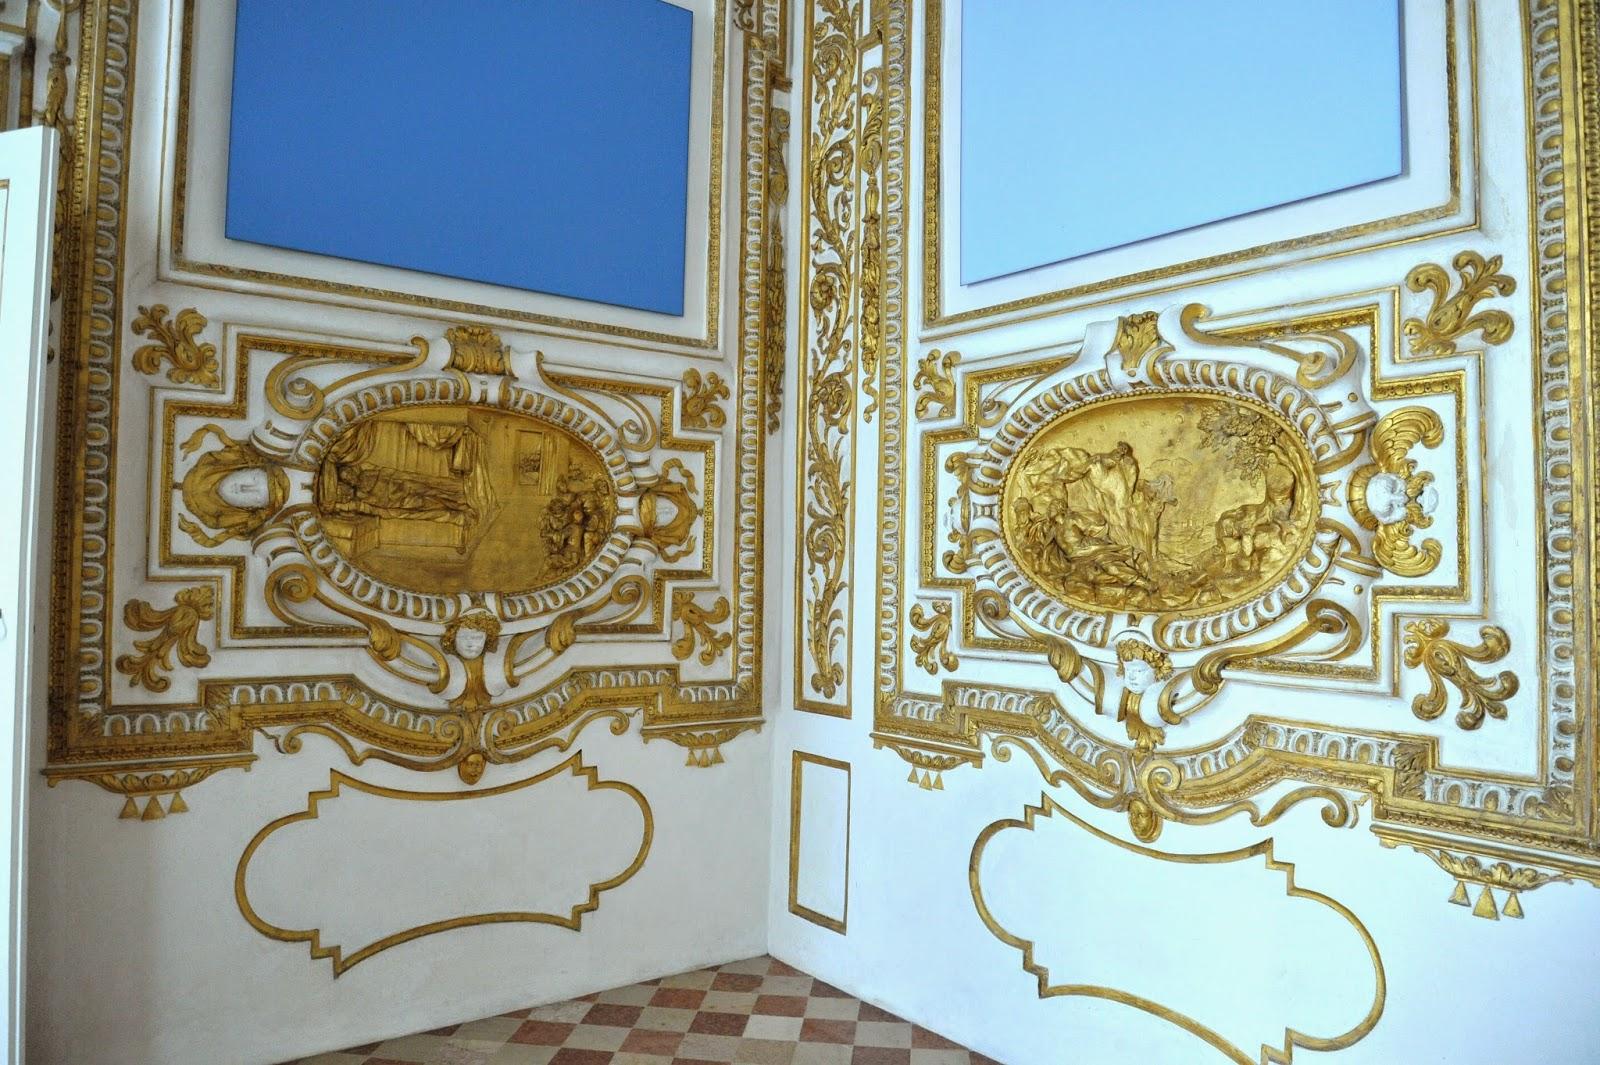 Visita al decoratissimo palazzo ducale di sassuolo for Camera dei sogni